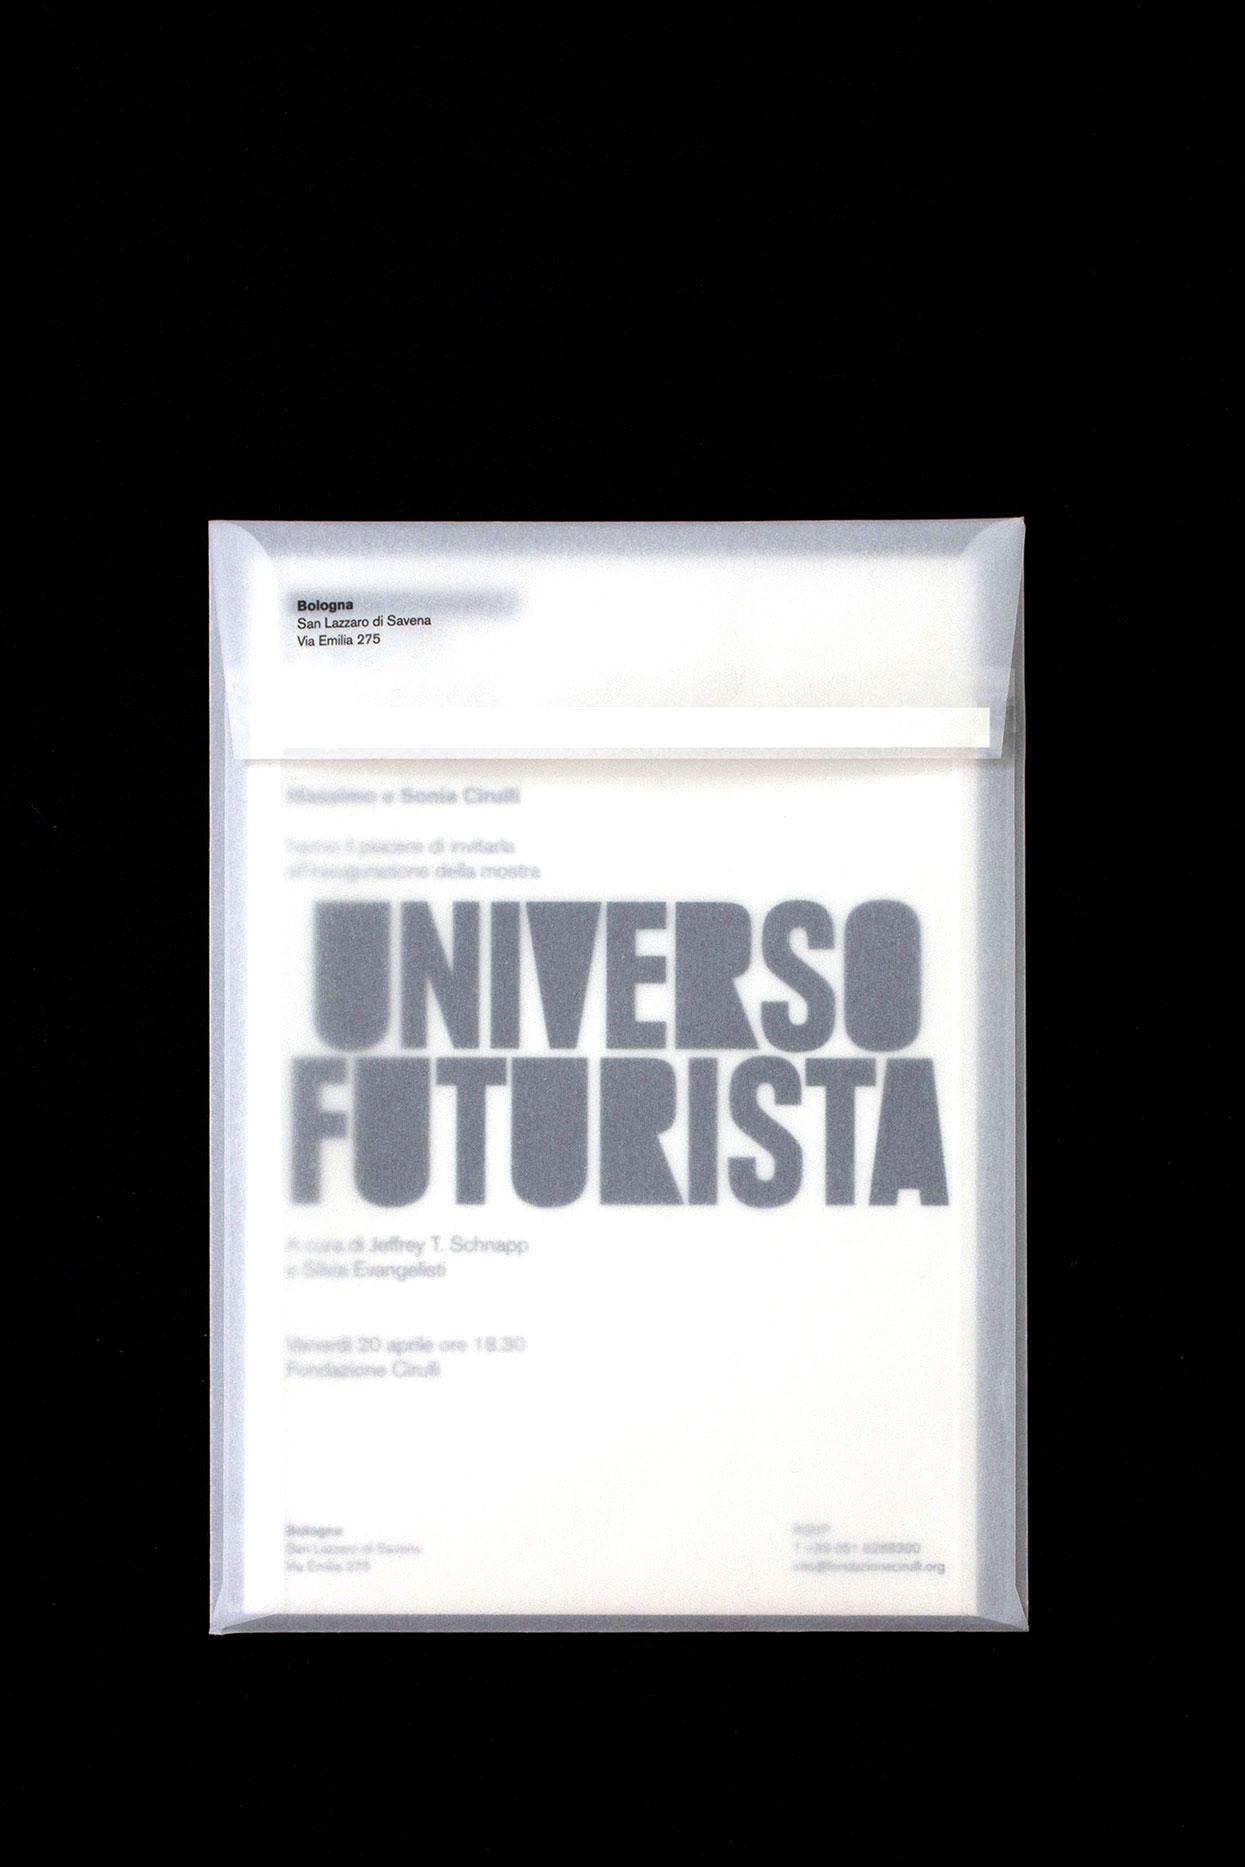 invito_universo_futurista_01